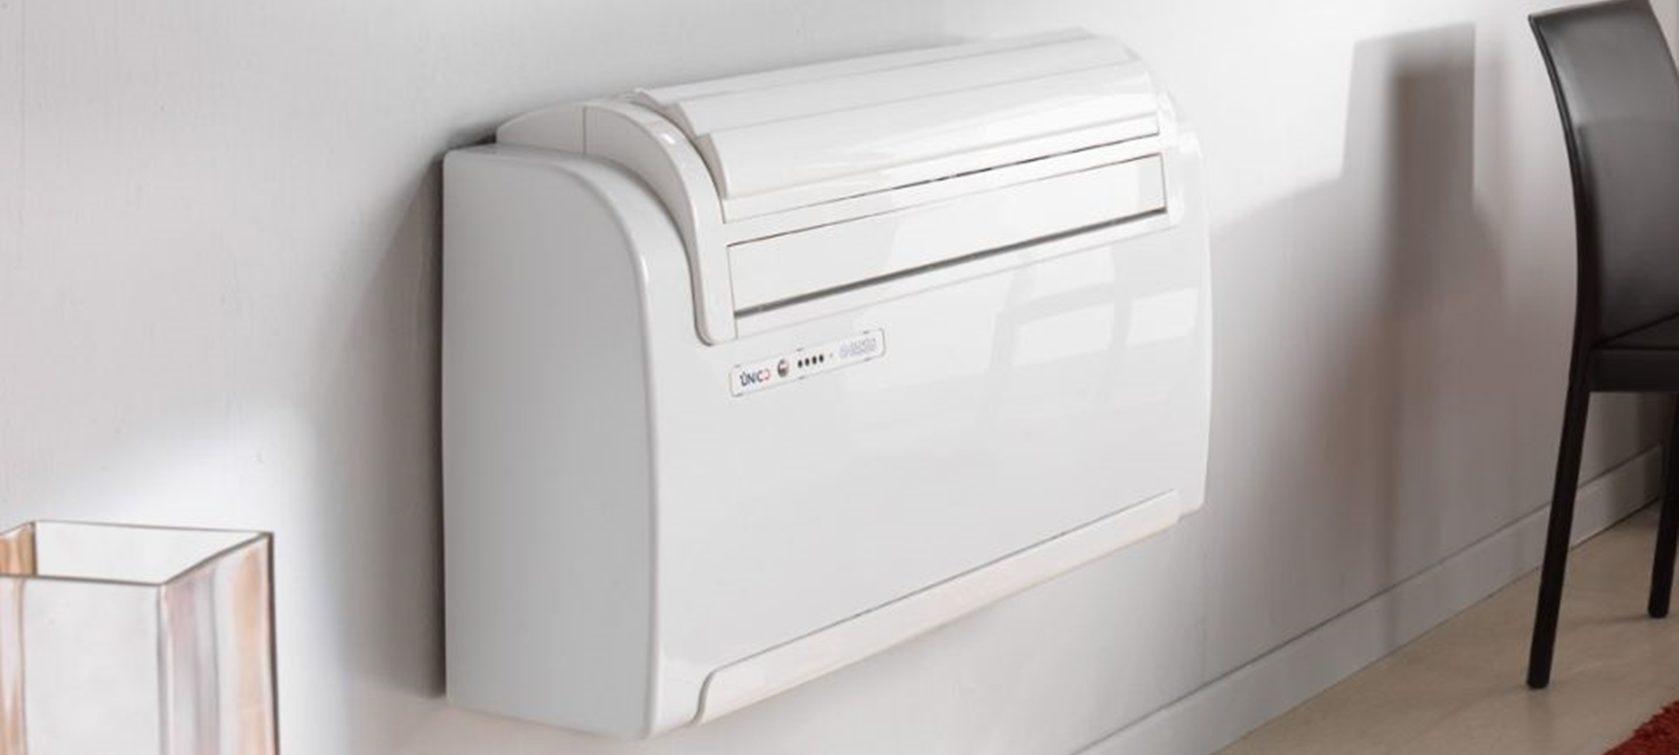 Comment utiliser un climatiseur silencieux